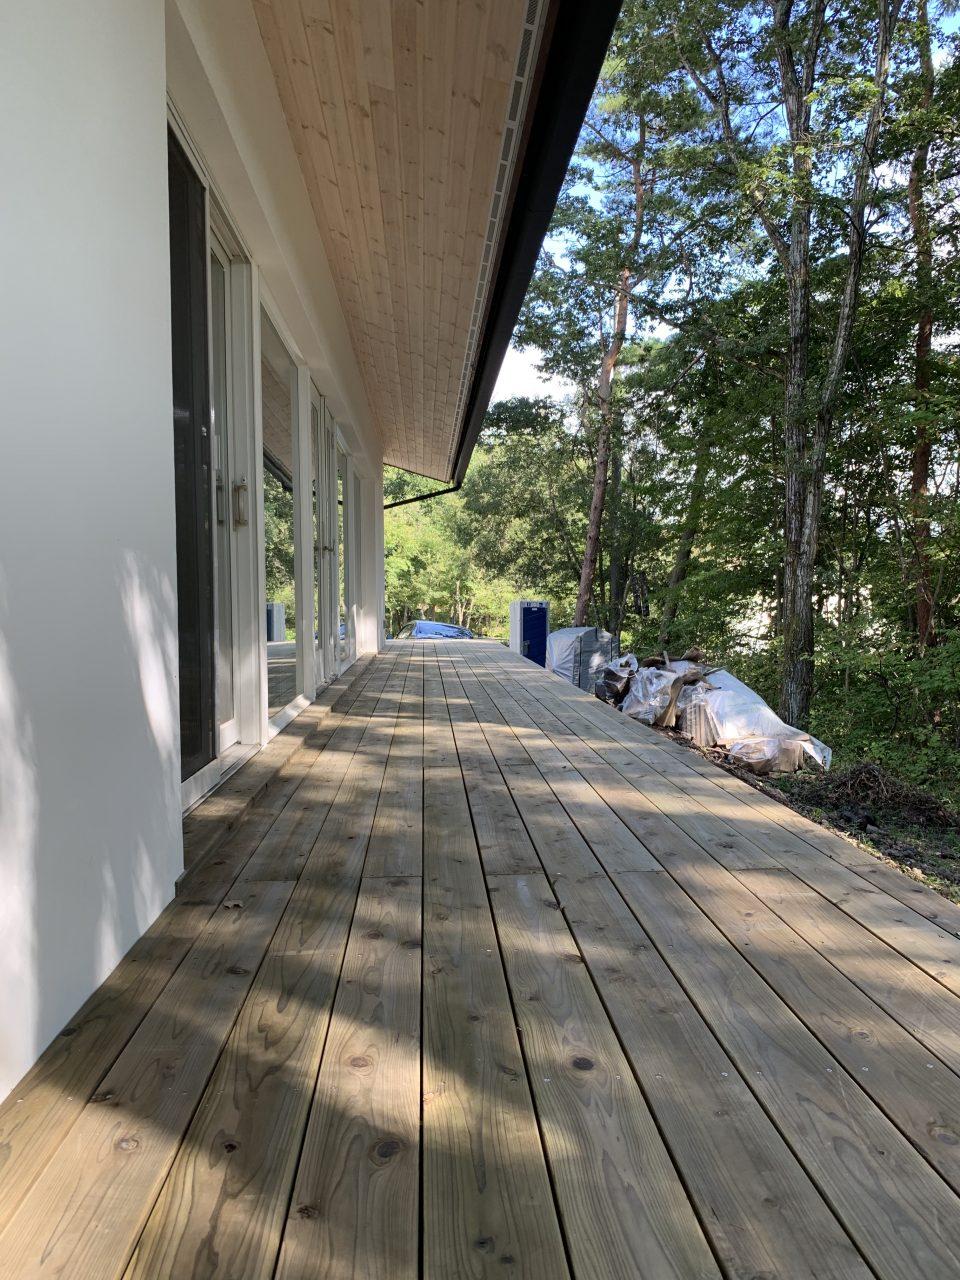 デッキテラスを西側から。 ACQ加圧注入された長野県のすぎ材。 深い軒で窓際は濡れず、夏の日差しもカット。